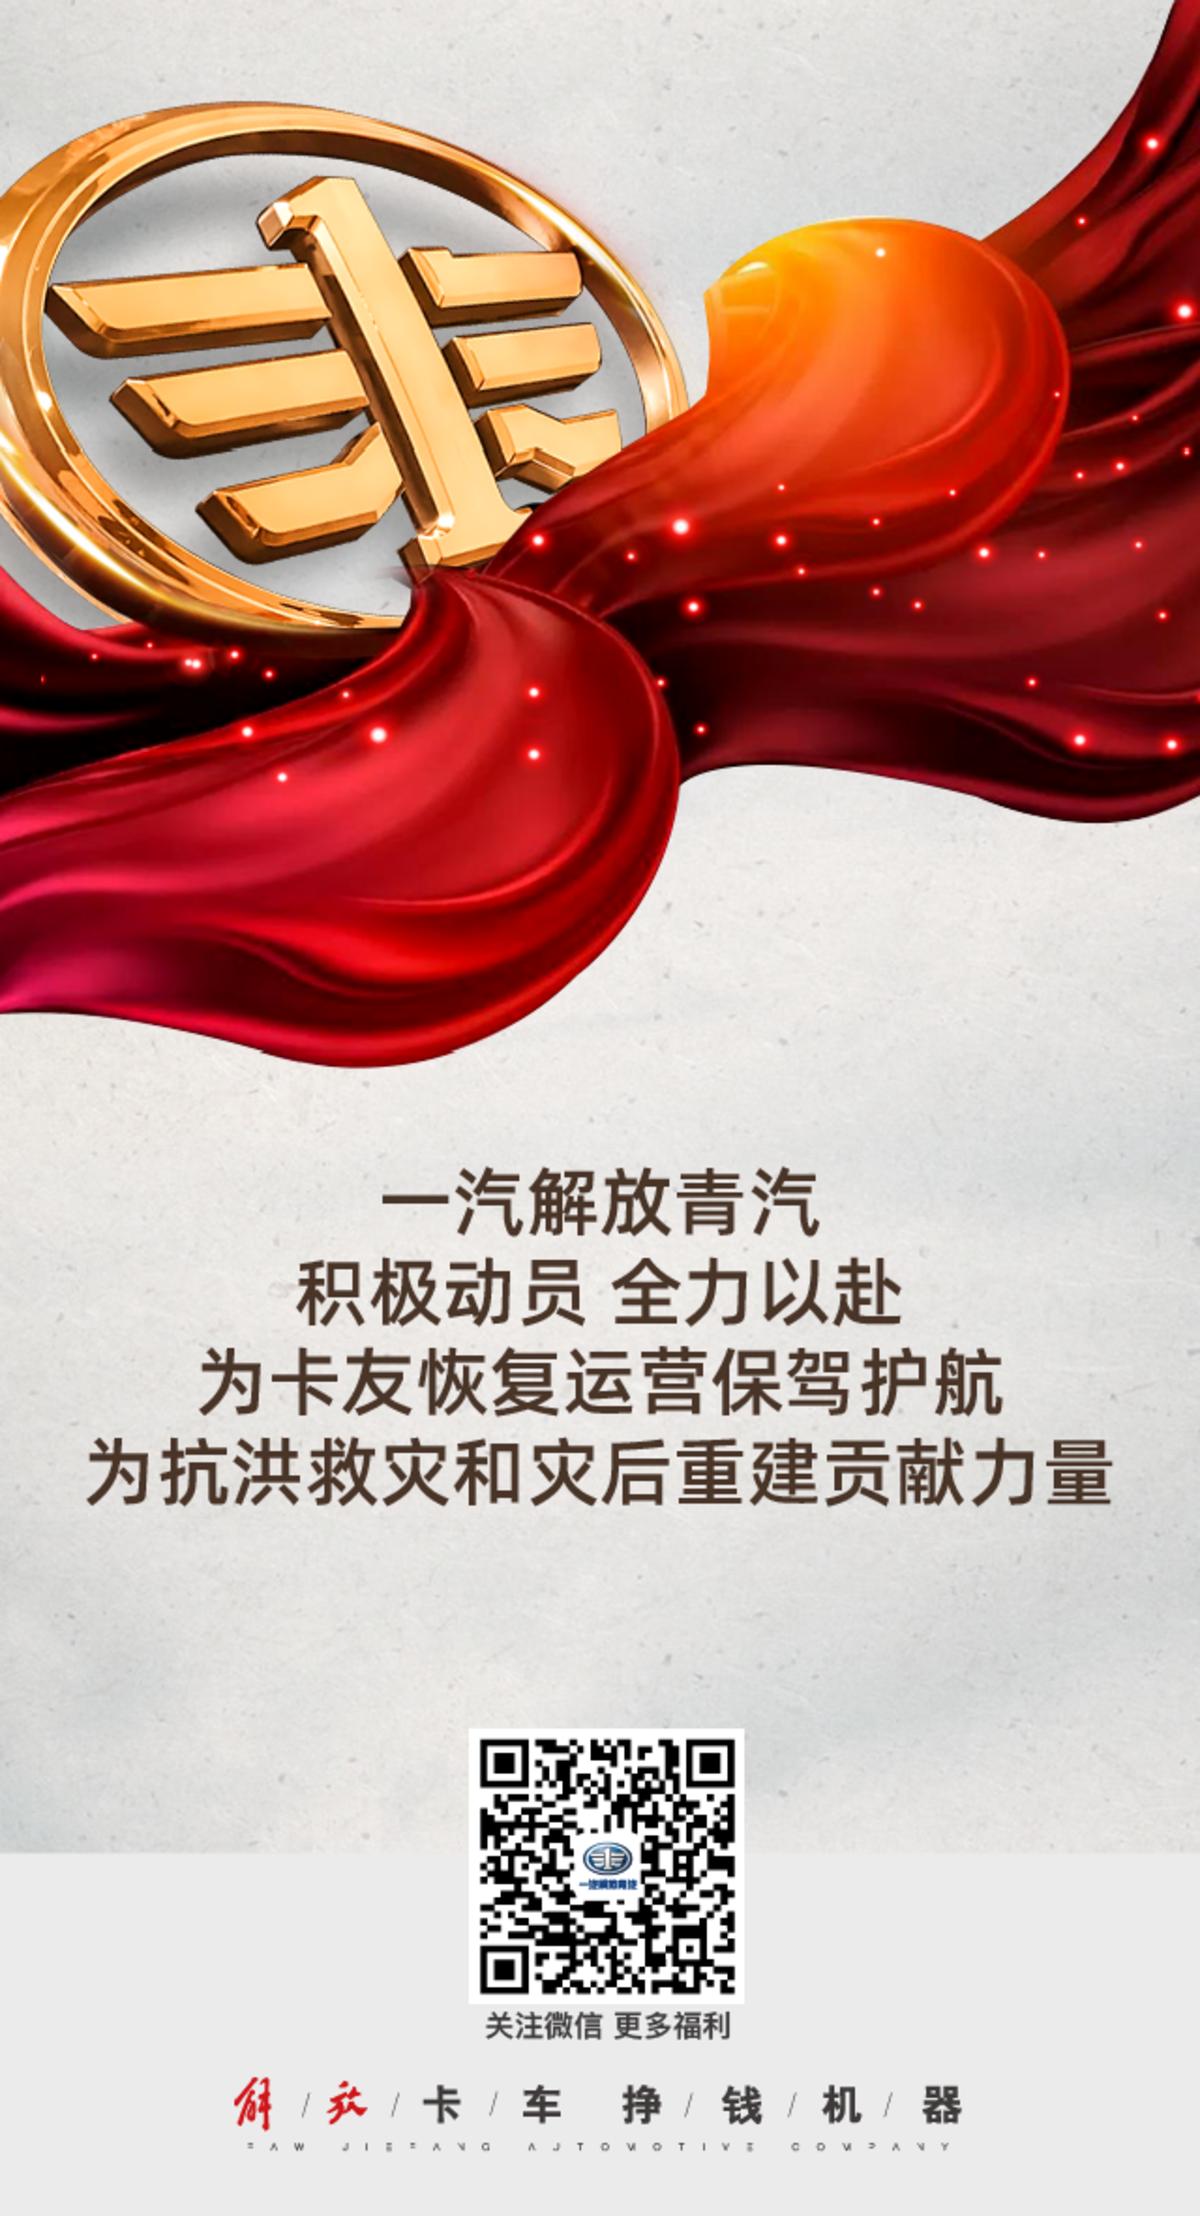 """闻""""汛""""而动!一汽解放青汽六大免费服务助河南抗汛救灾"""